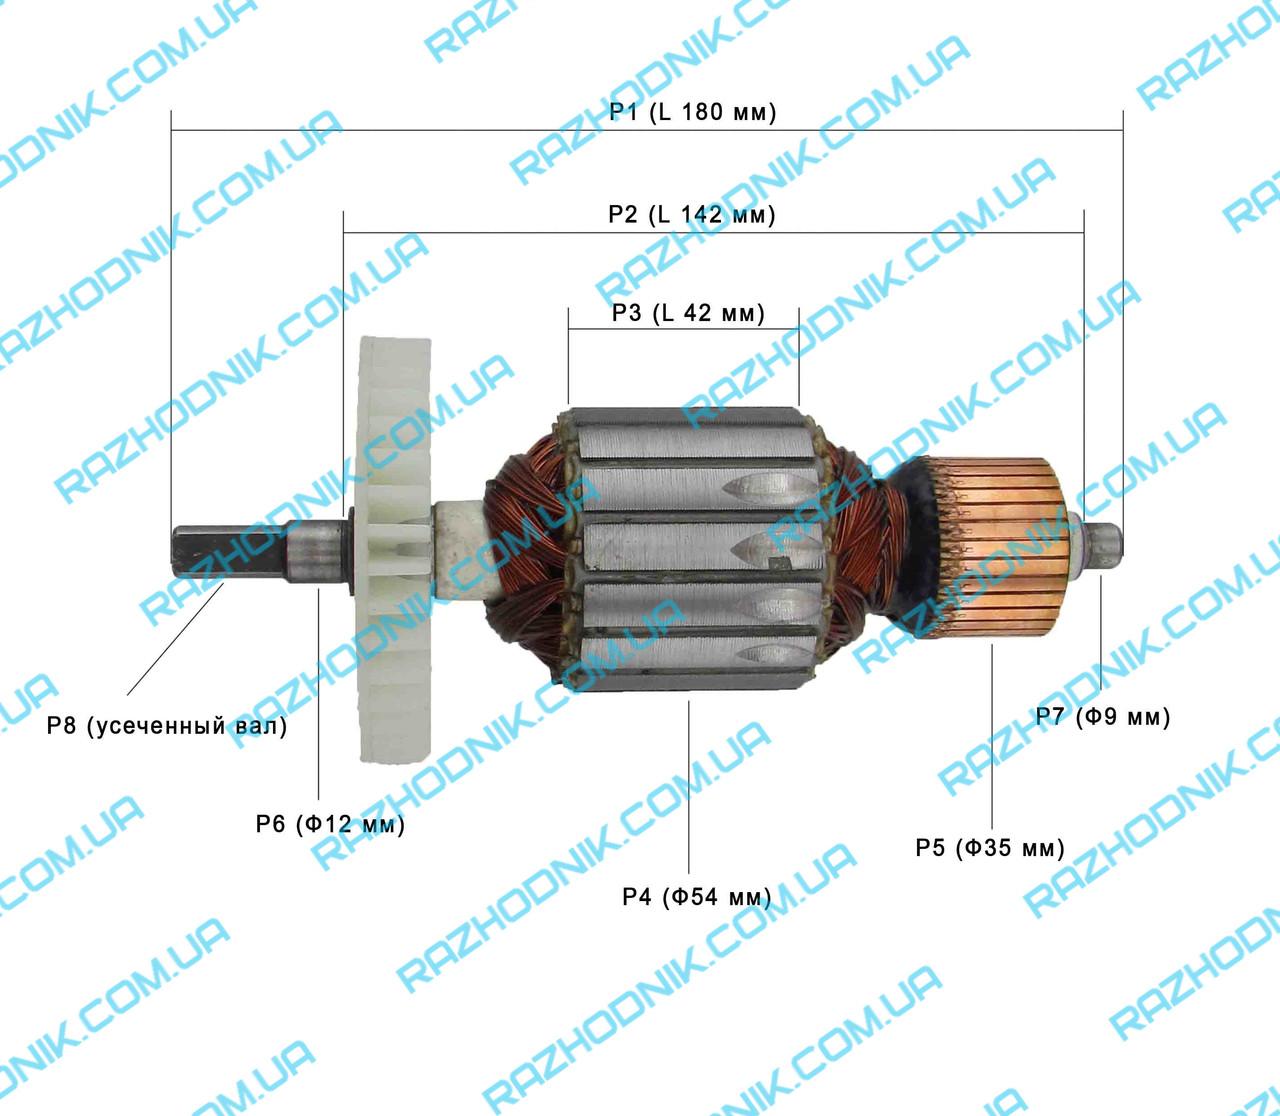 Якорь на цепную пилу Росмаш РПЭ-2200